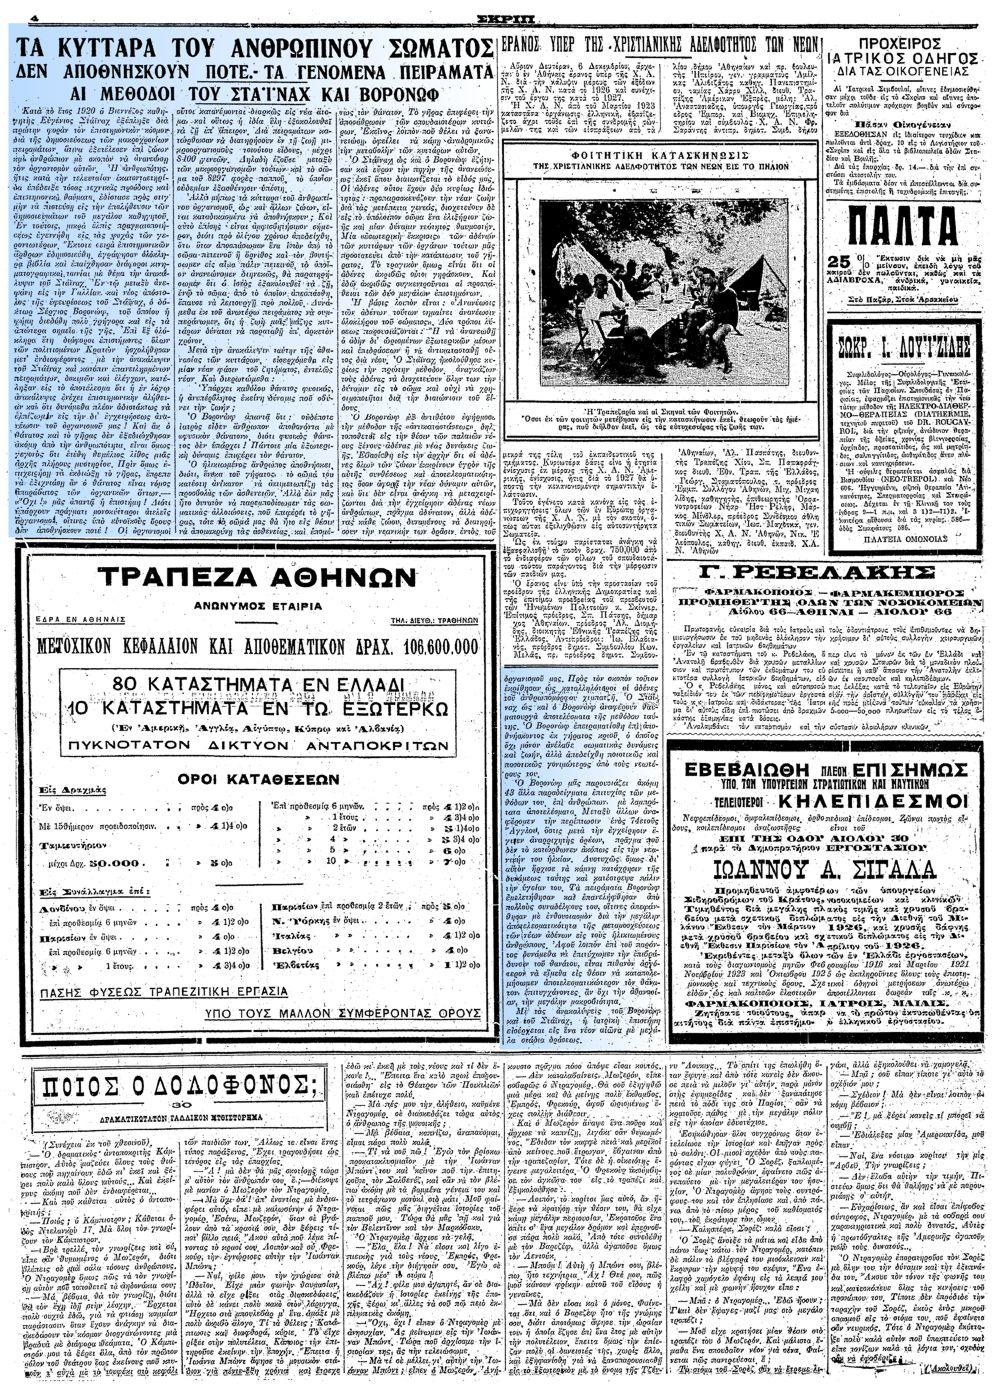 """Το άρθρο, όπως δημοσιεύθηκε στην εφημερίδα """"ΣΚΡΙΠ"""", στις 05/12/1926"""